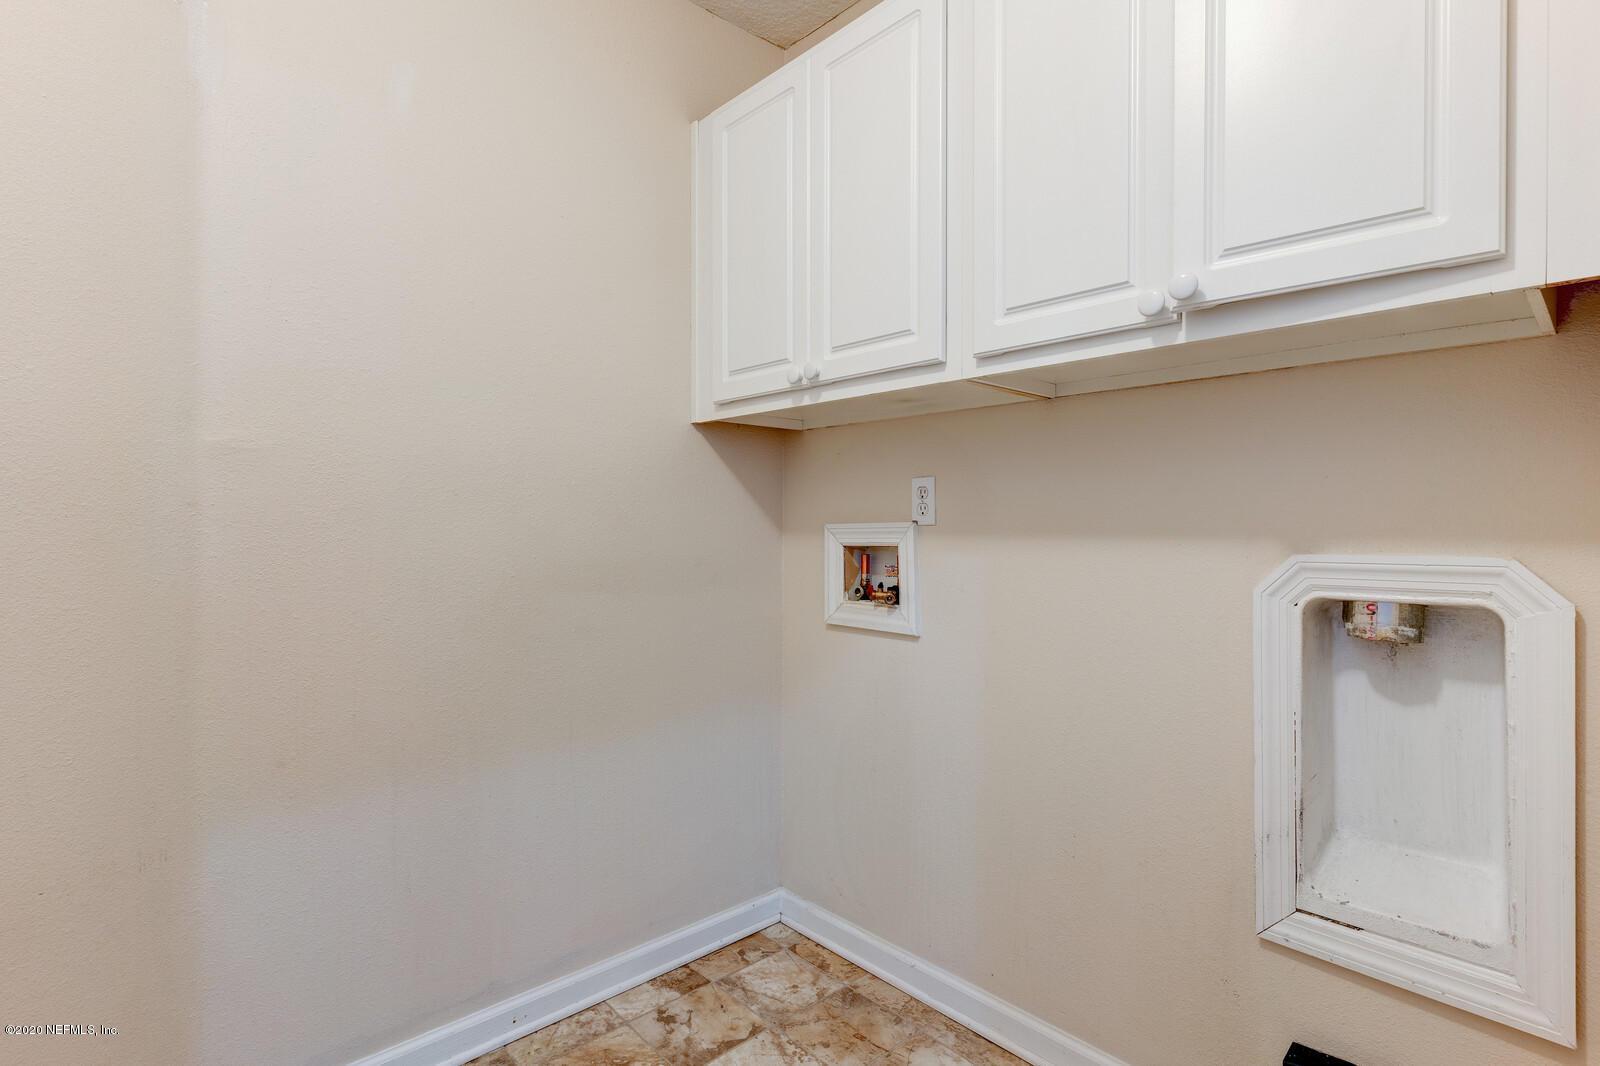 2744 WOOD STORK, ORANGE PARK, FLORIDA 32073, 5 Bedrooms Bedrooms, ,3 BathroomsBathrooms,Residential,For sale,WOOD STORK,1083078